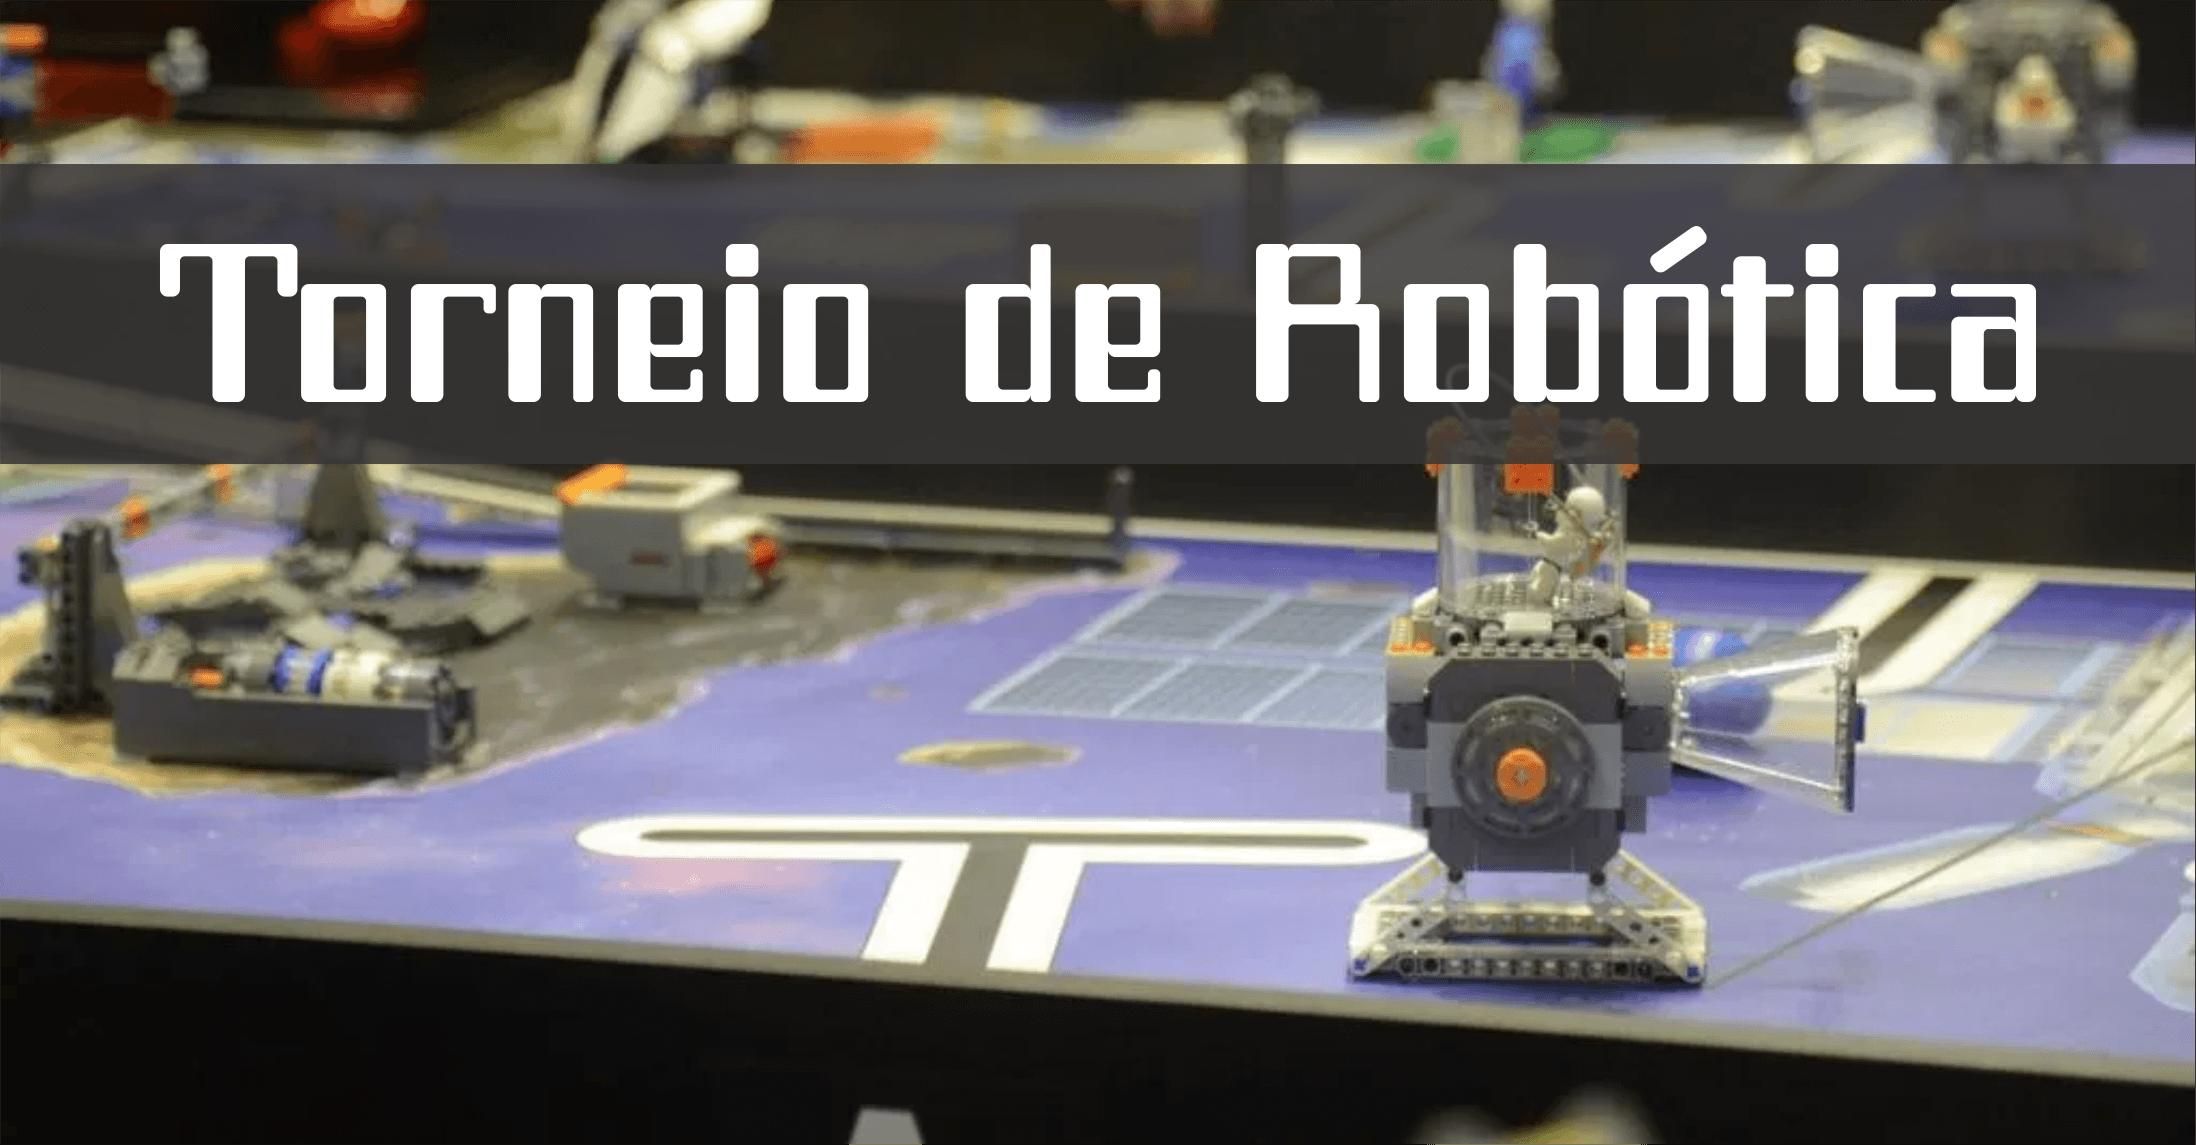 Torneio de Robótica